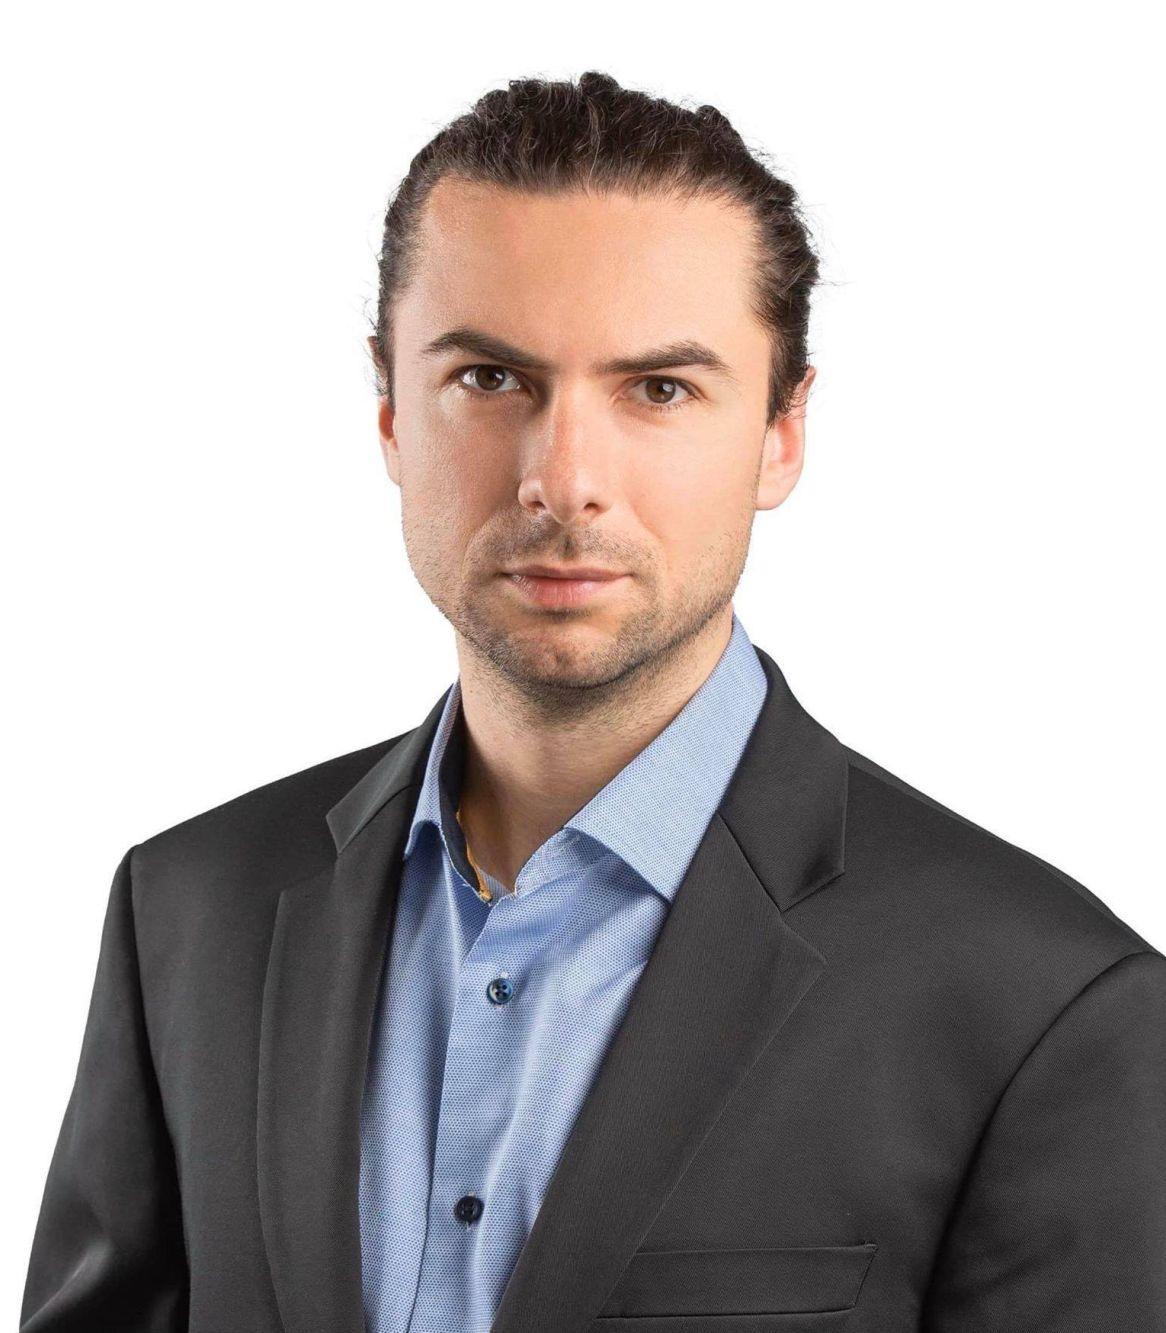 Árpád Sebesi